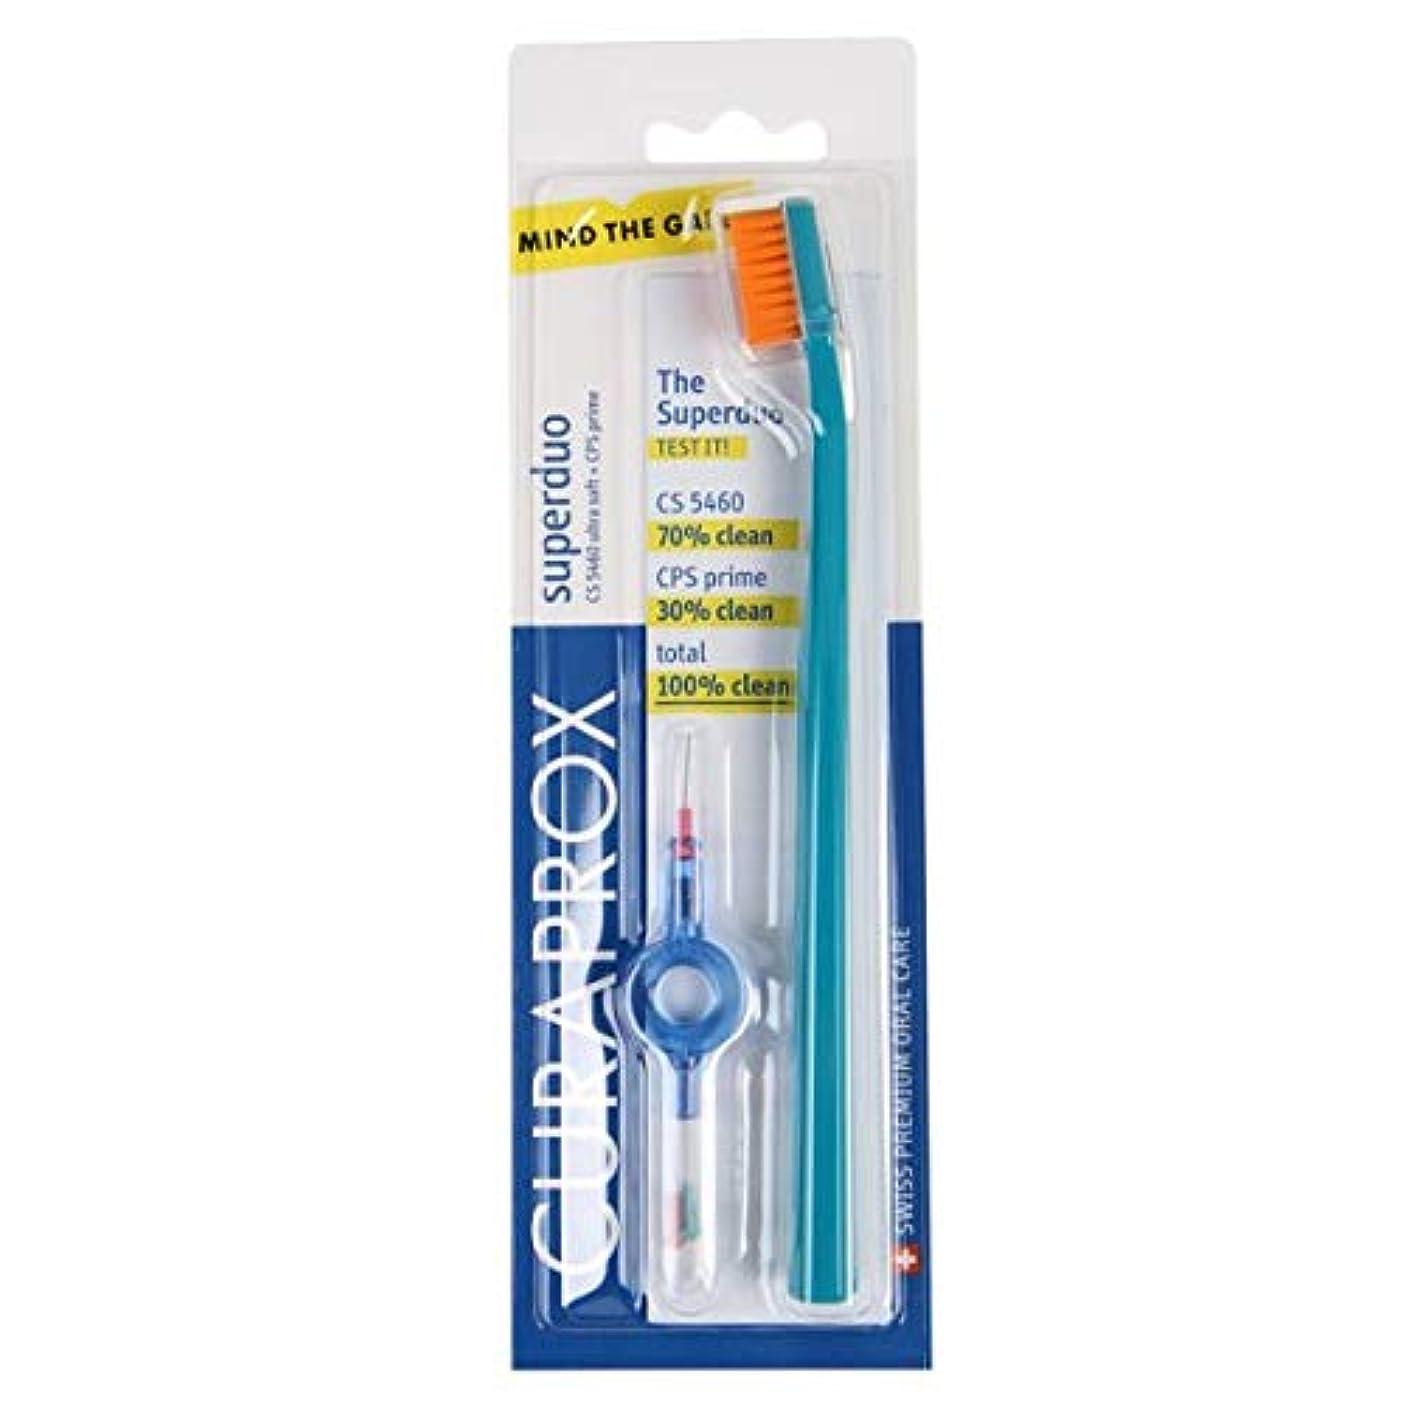 反射お手伝いさんストロークラプロックス 歯ブラシ+歯間ブラシ セット CS 5460 + CPS 06/07/08, UHS 409 holder + cap